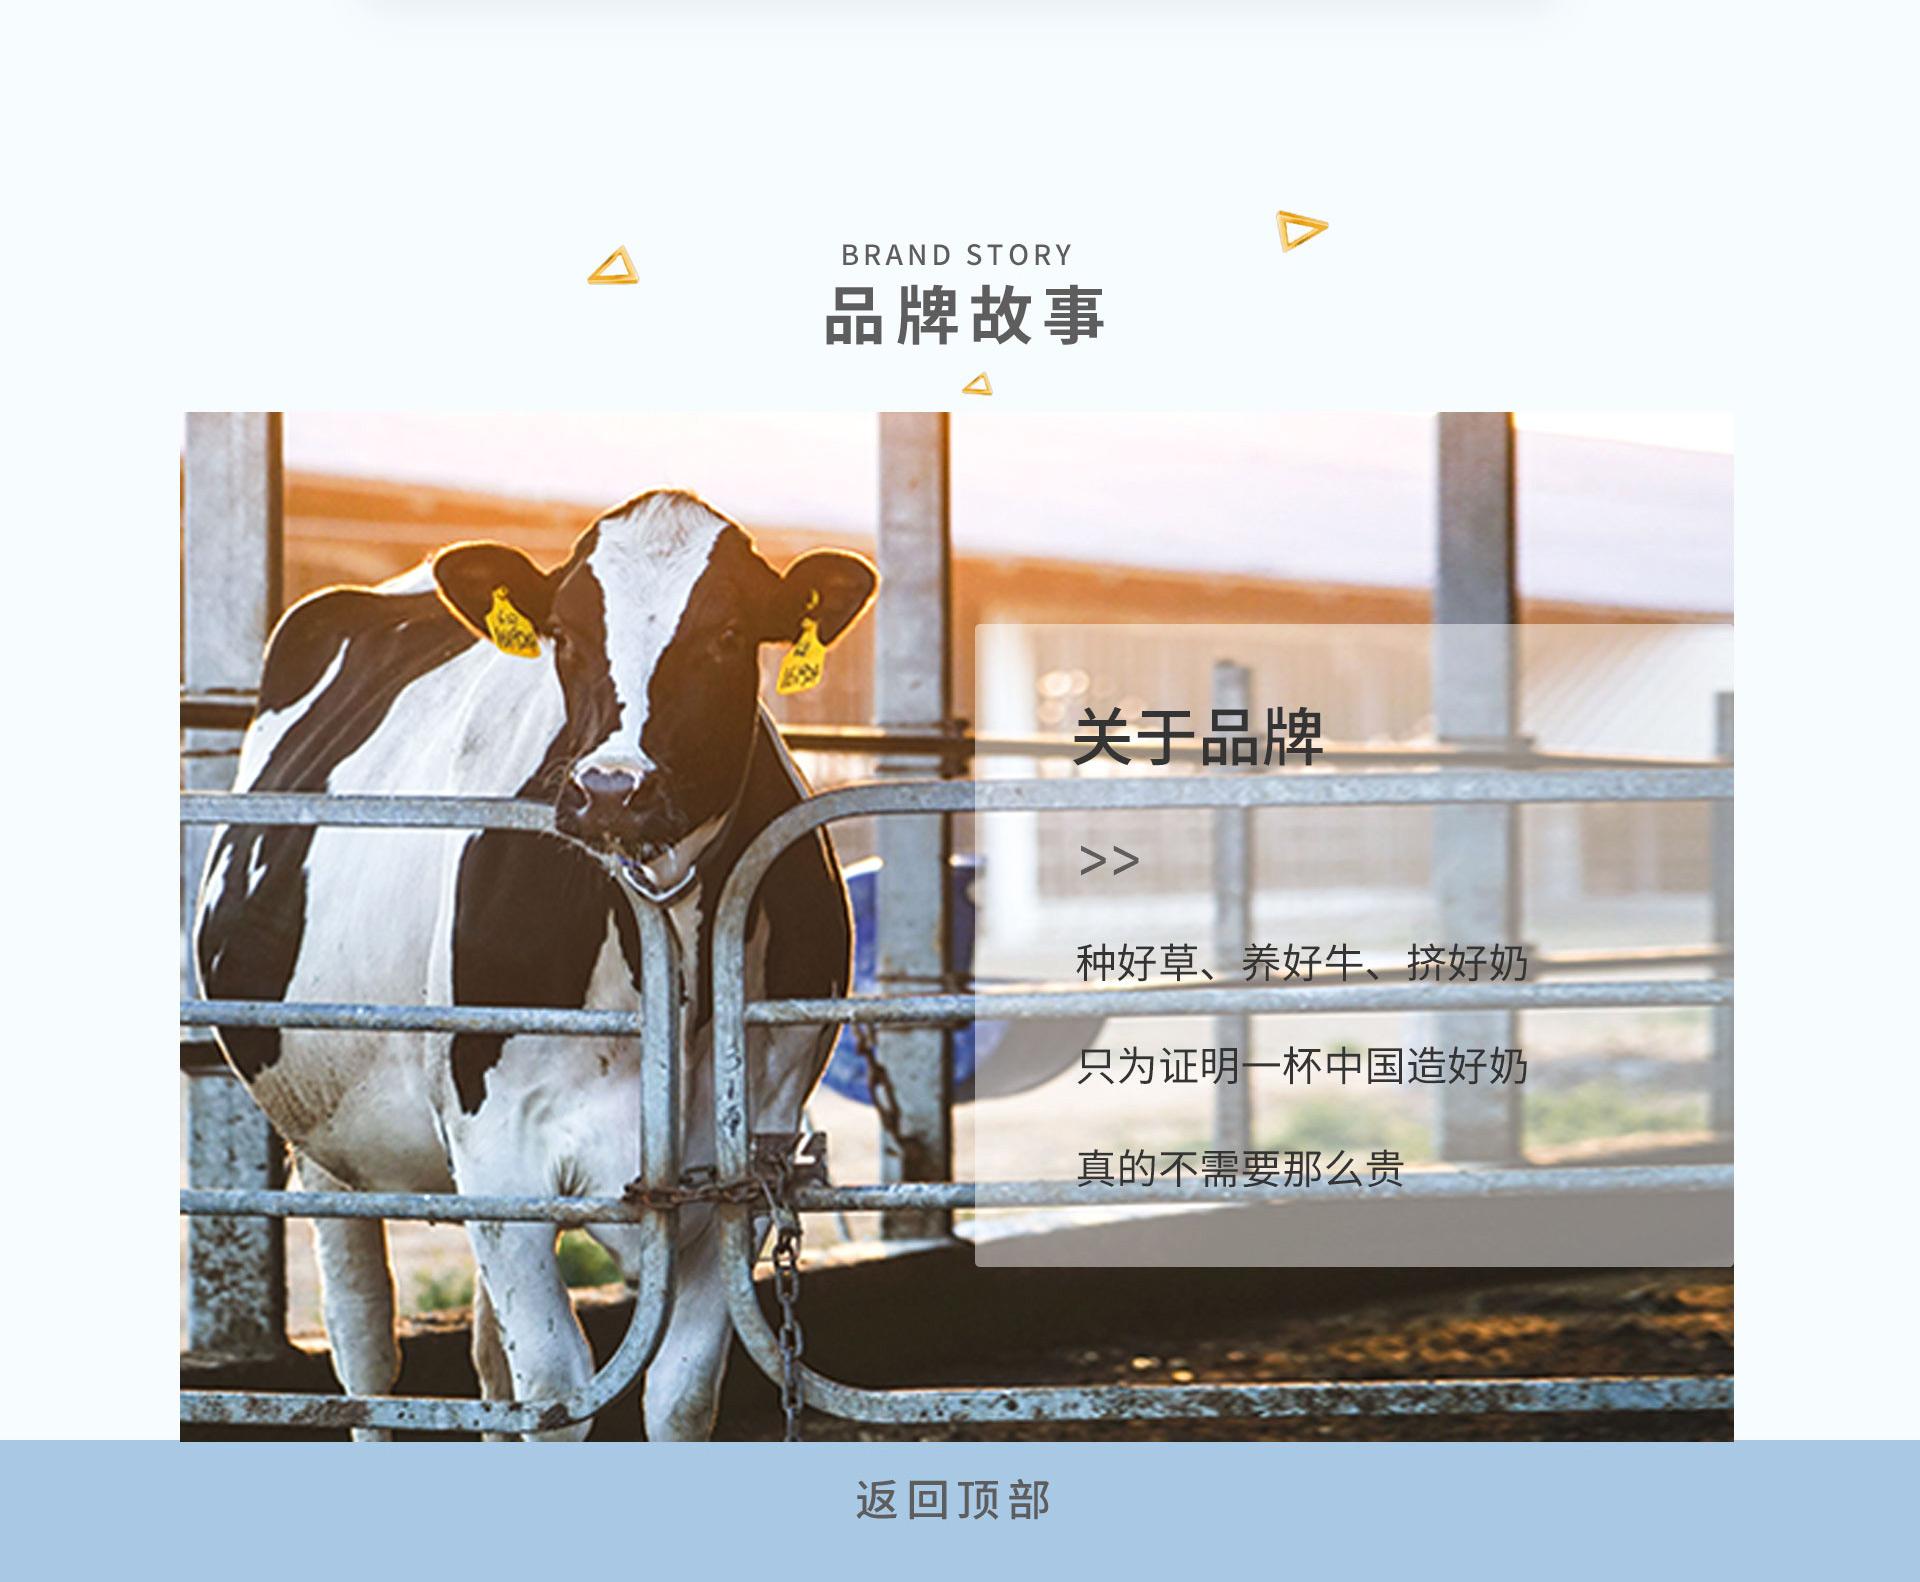 斑馬會員淘小鋪加盟_分享賺錢服務項目合作騙局-南京平頭金計算機有限公司